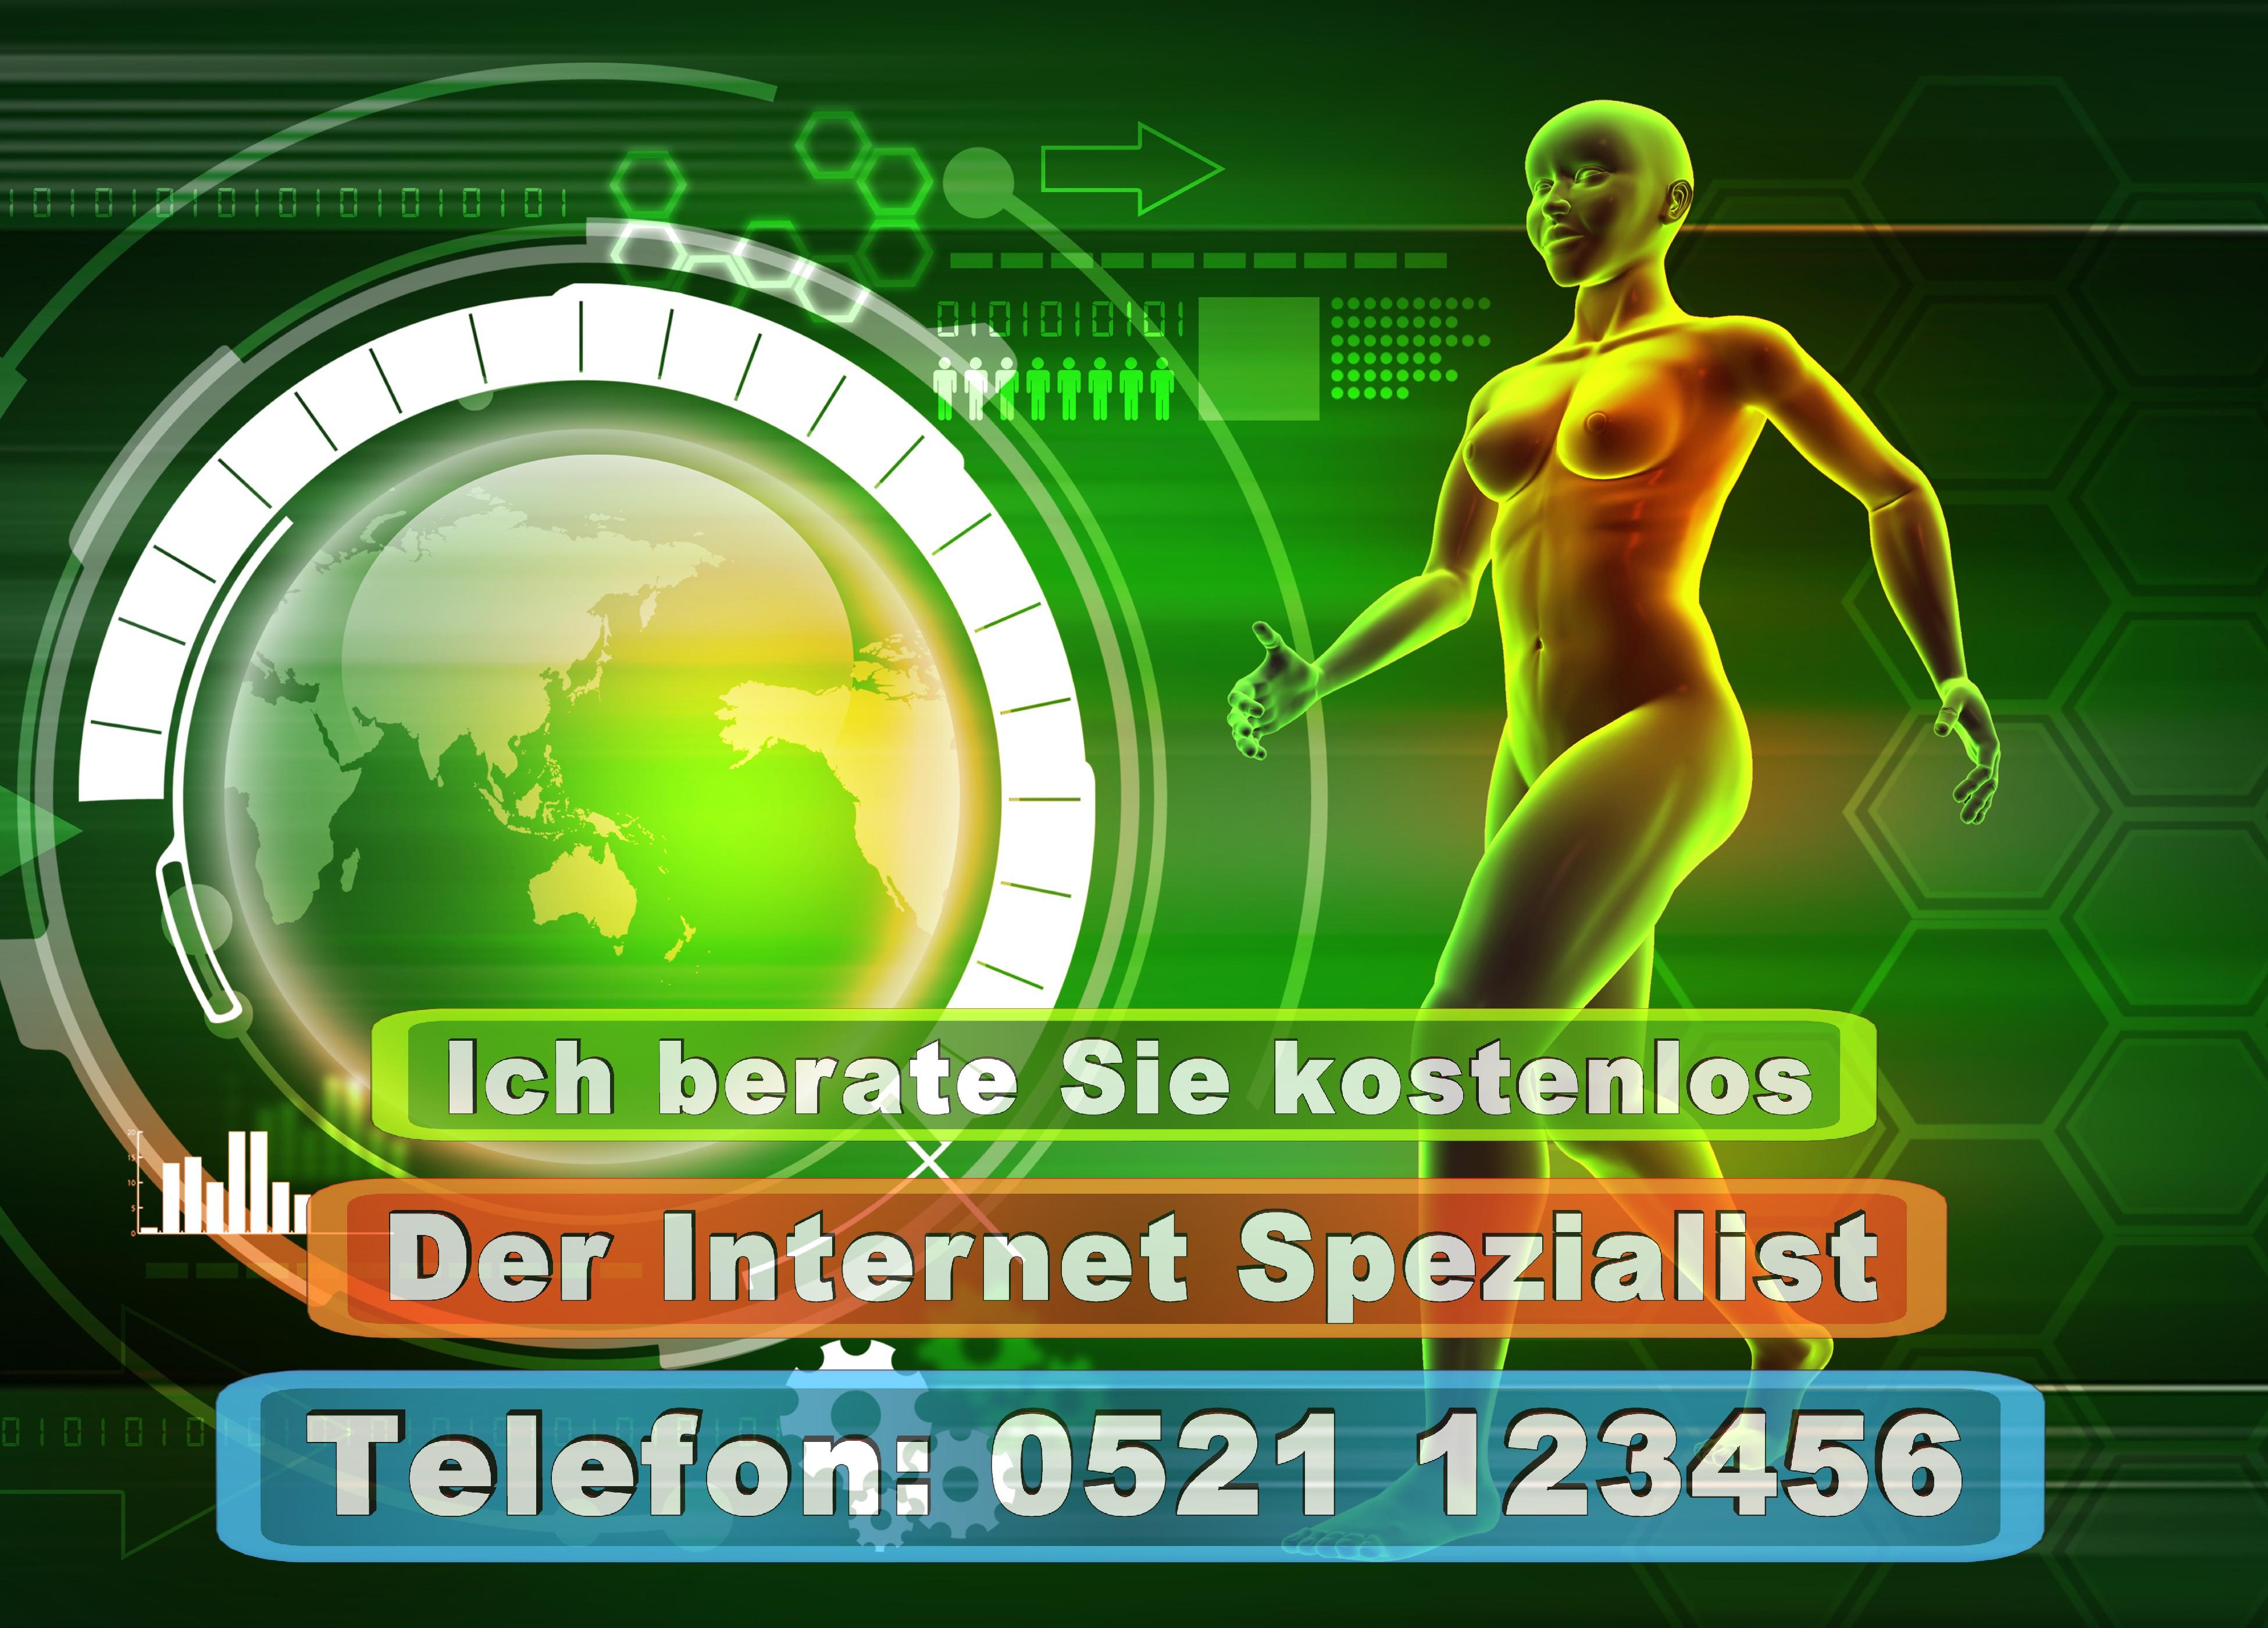 Werbeagentur Bielefeld Druckerei Bielefeld Prospekte Zeitung Visitenkarten Poster Werbung Print Presse Druck Fotografie Fotos Internet (11)